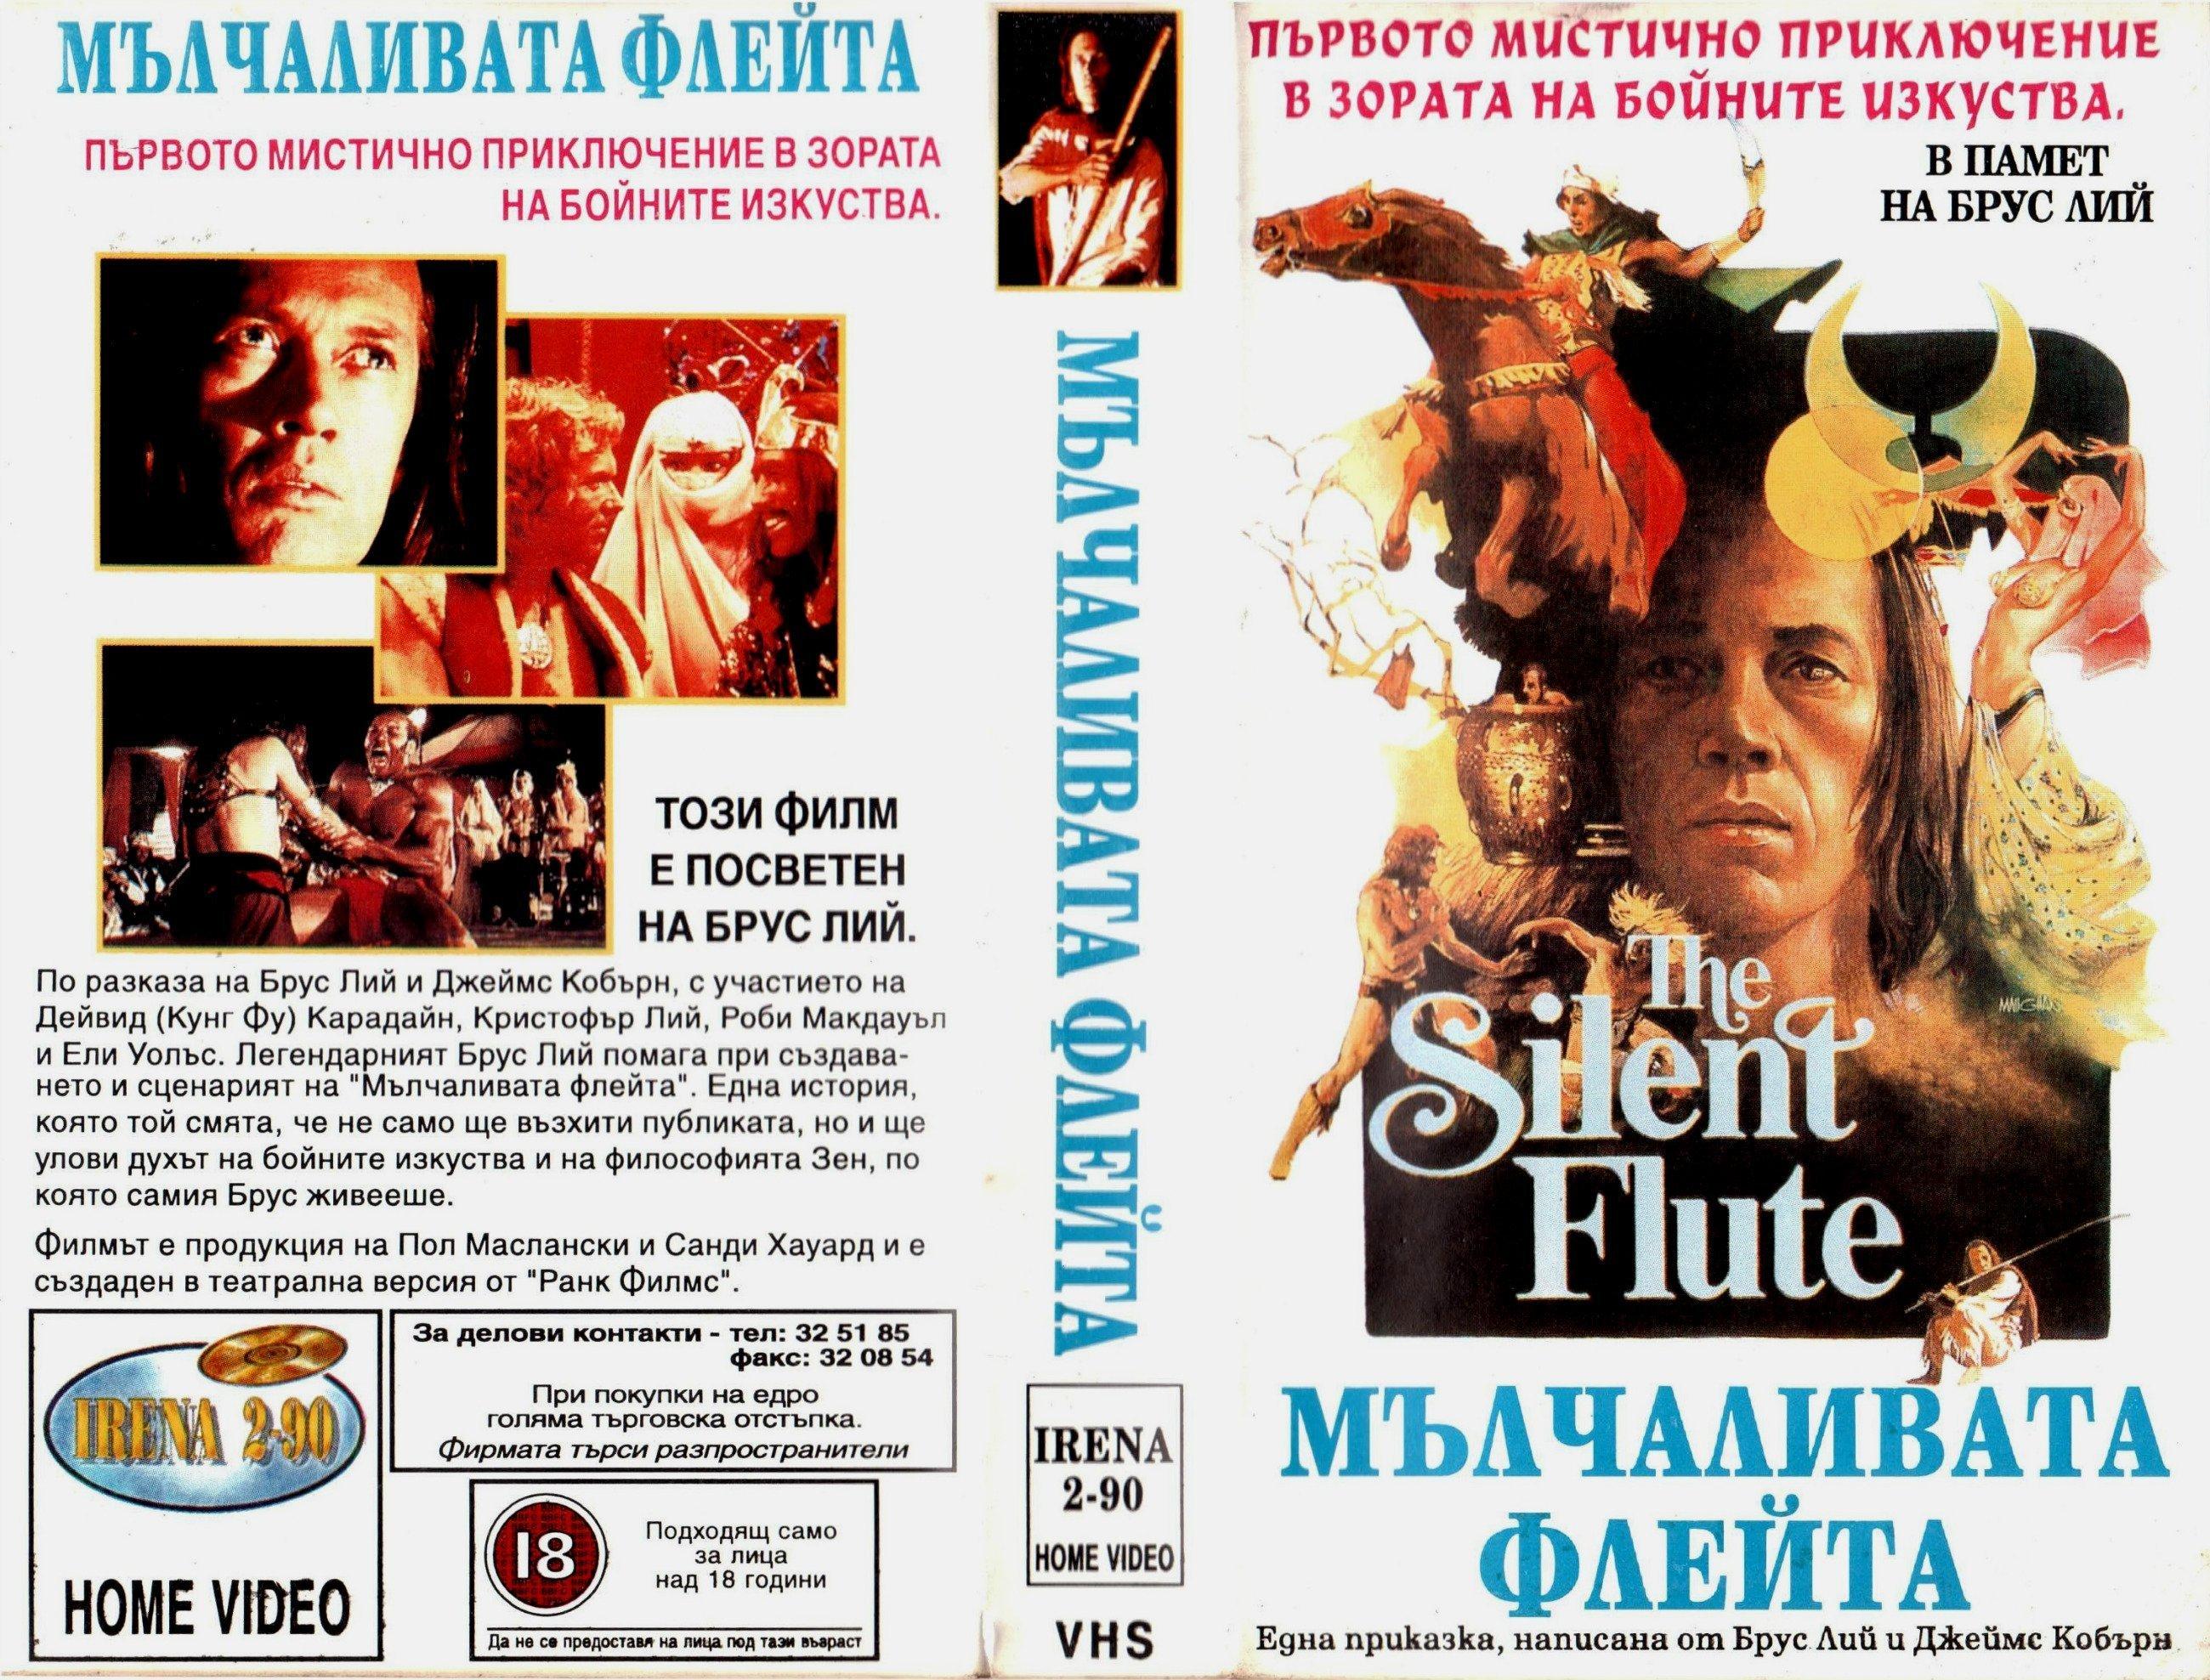 Мълчаливата флейта филм постер